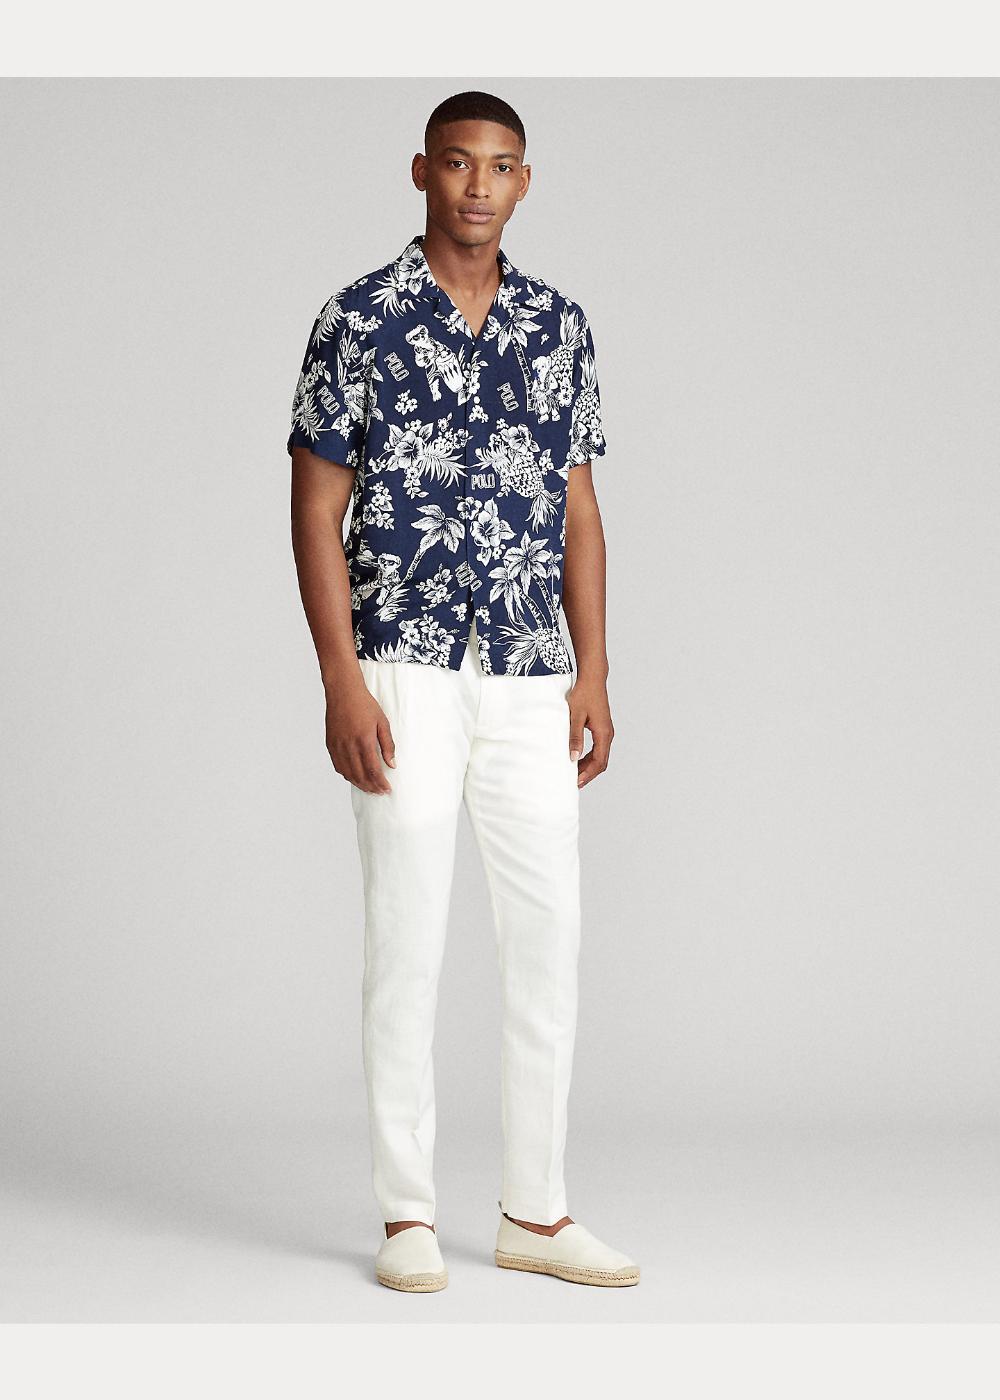 Custom Fit Tropical Bear Shirt In 2020 Bear Shirt Mens Outfits Custom Fit